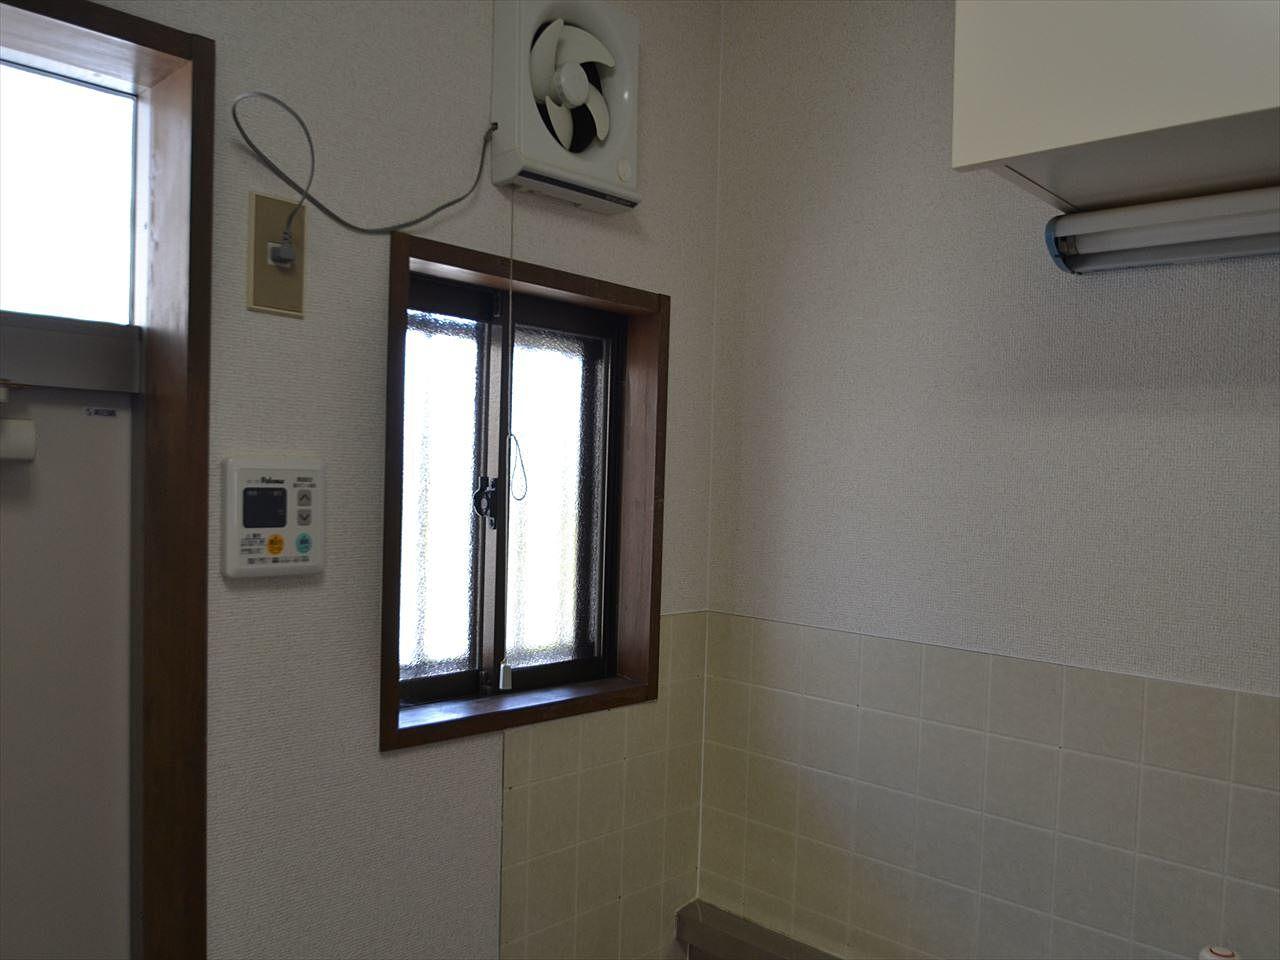 キッチンの近くに換気扇と窓があるので、ニオイが滞りません。